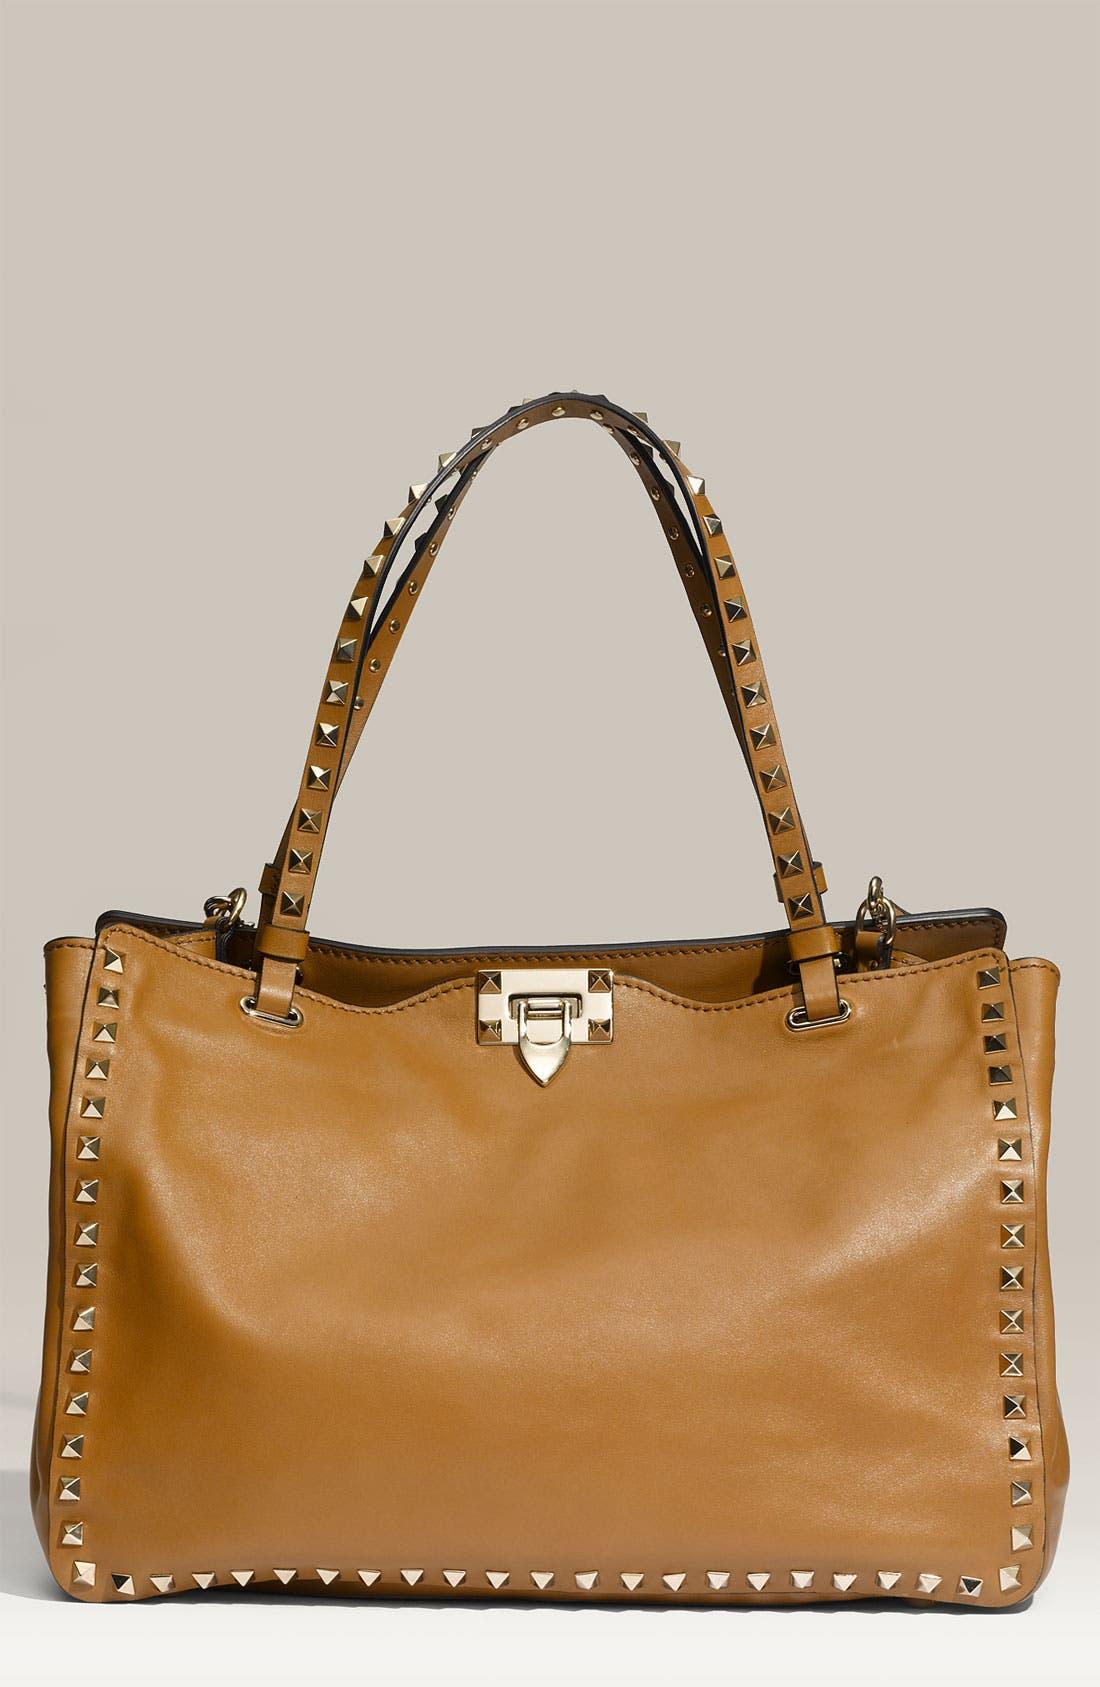 Main Image - Valentino 'Rockstud - Medium' Leather Tote